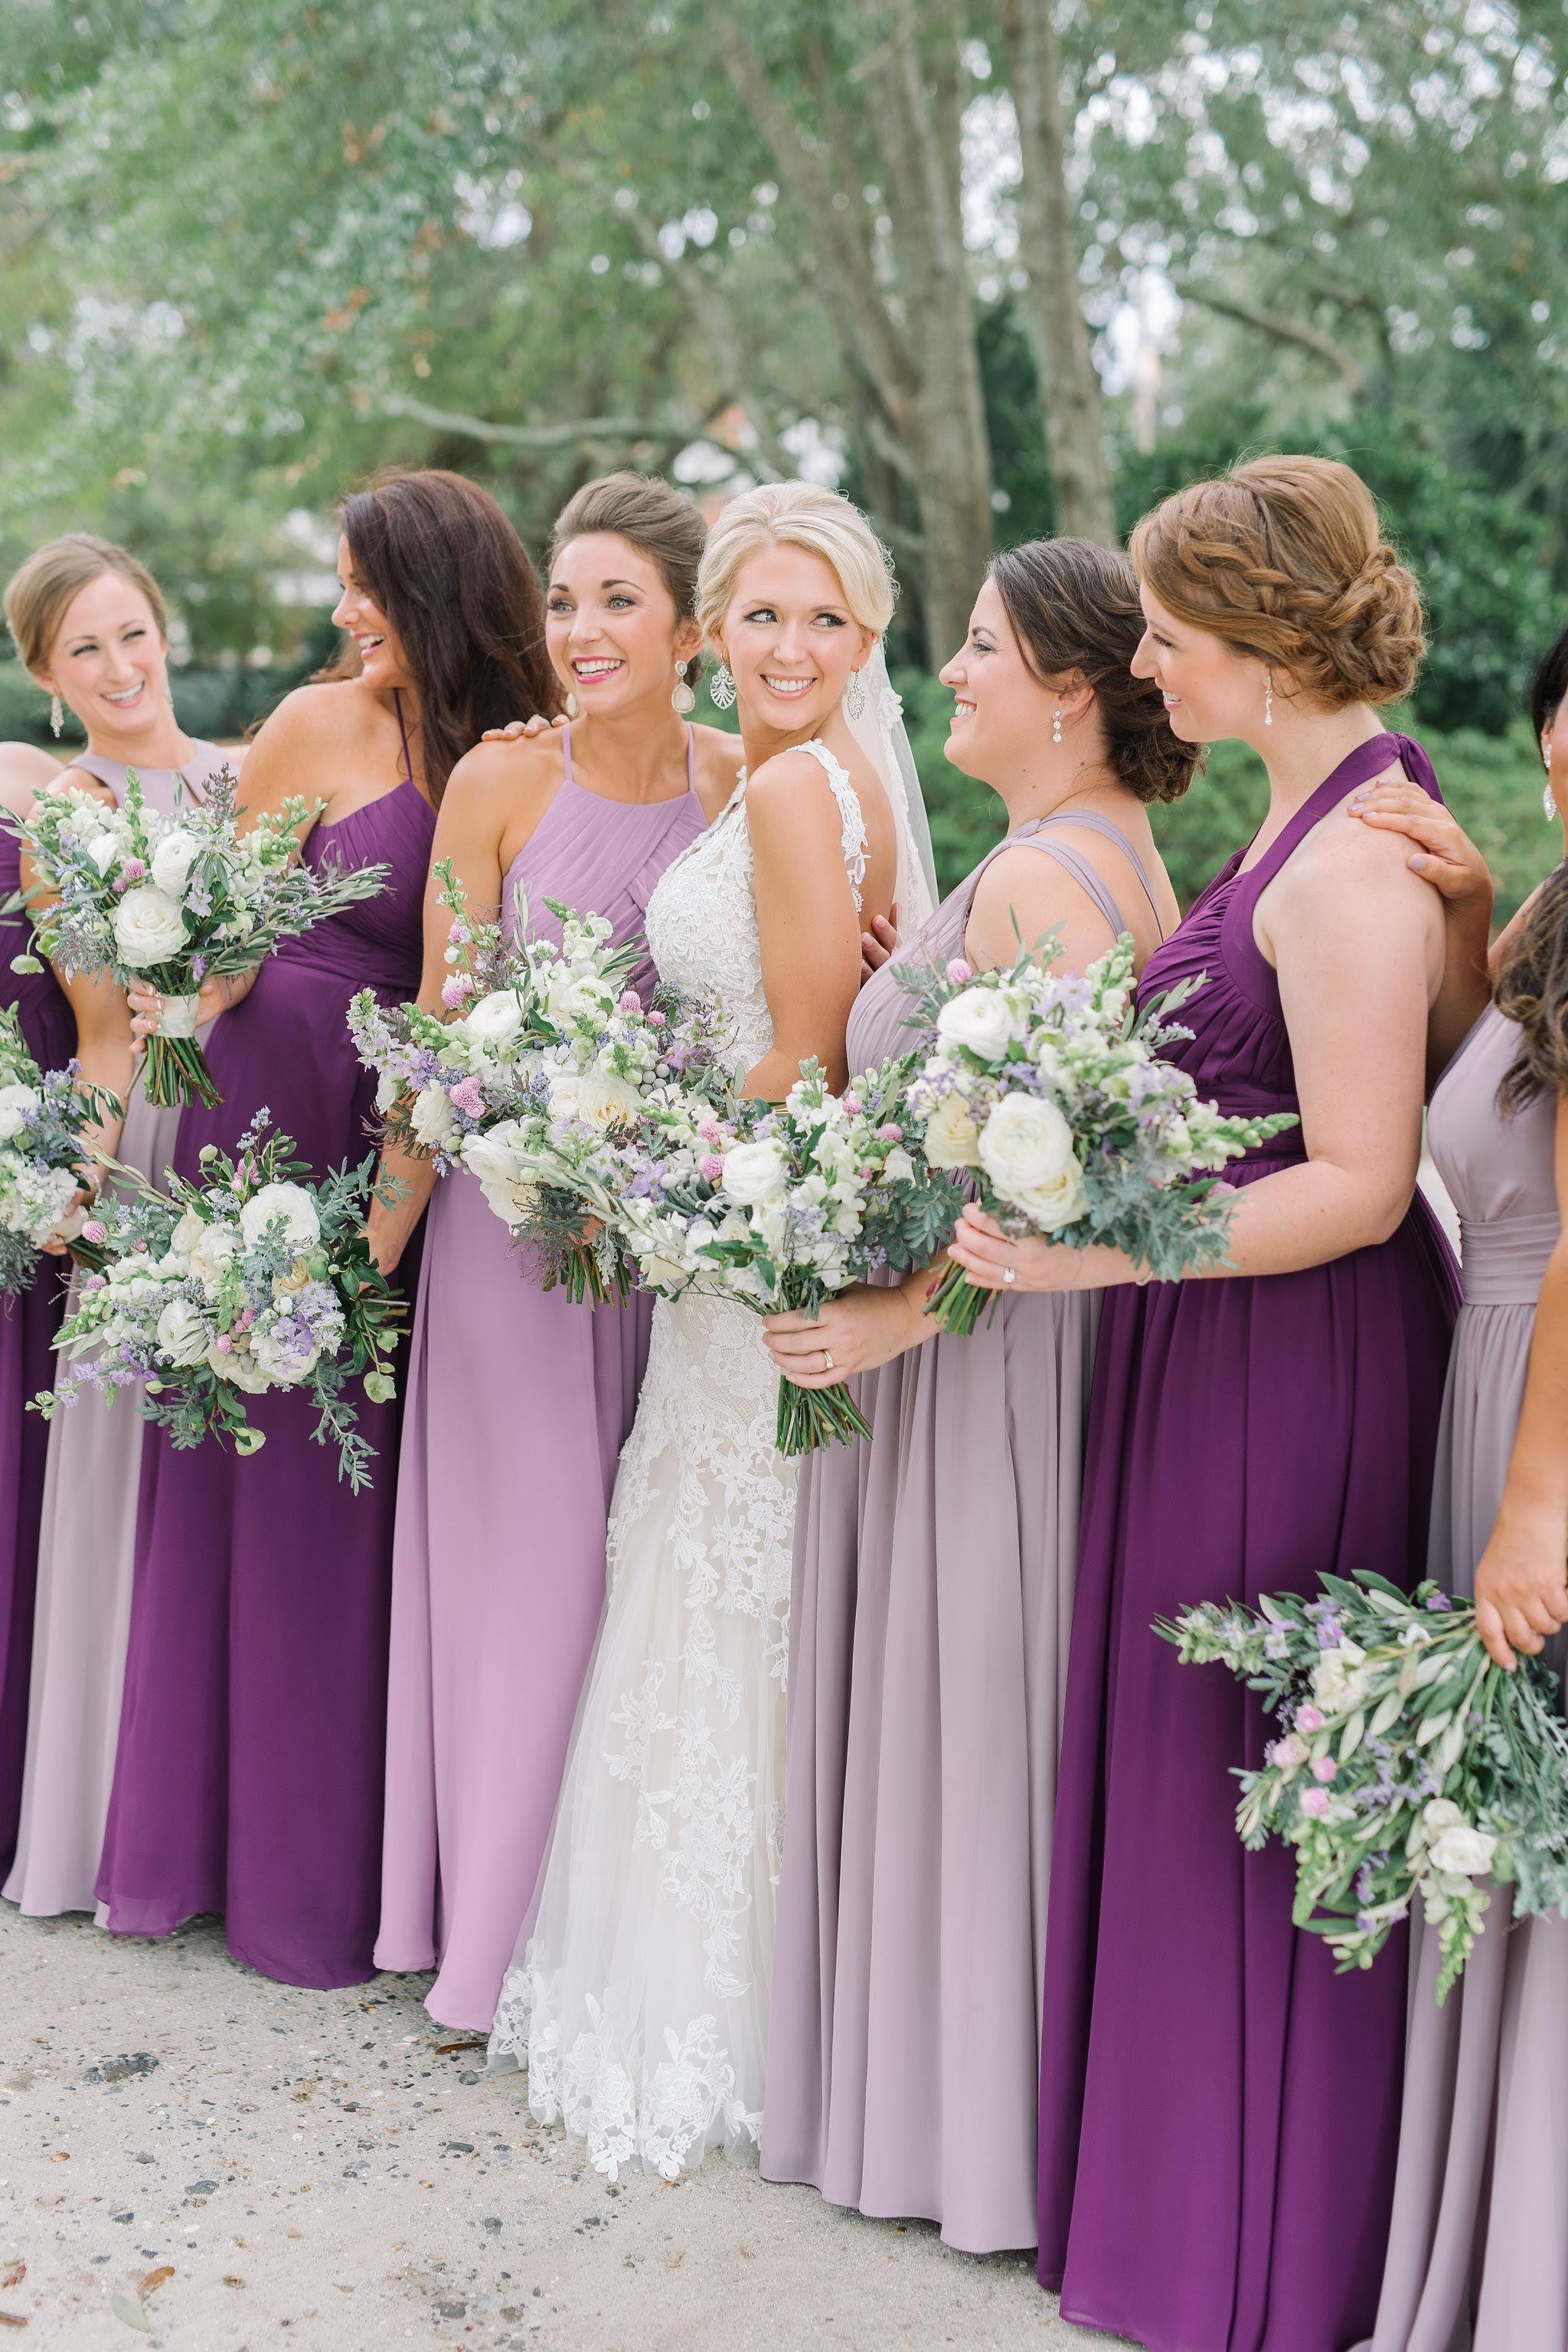 Purple Azazie Bridesmaid Dresses Lilac Bridesmaid Dresses Lavender Bridesmaid Dresses Bridesmaid Dresses Mismatched Purple [ 3072 x 2048 Pixel ]